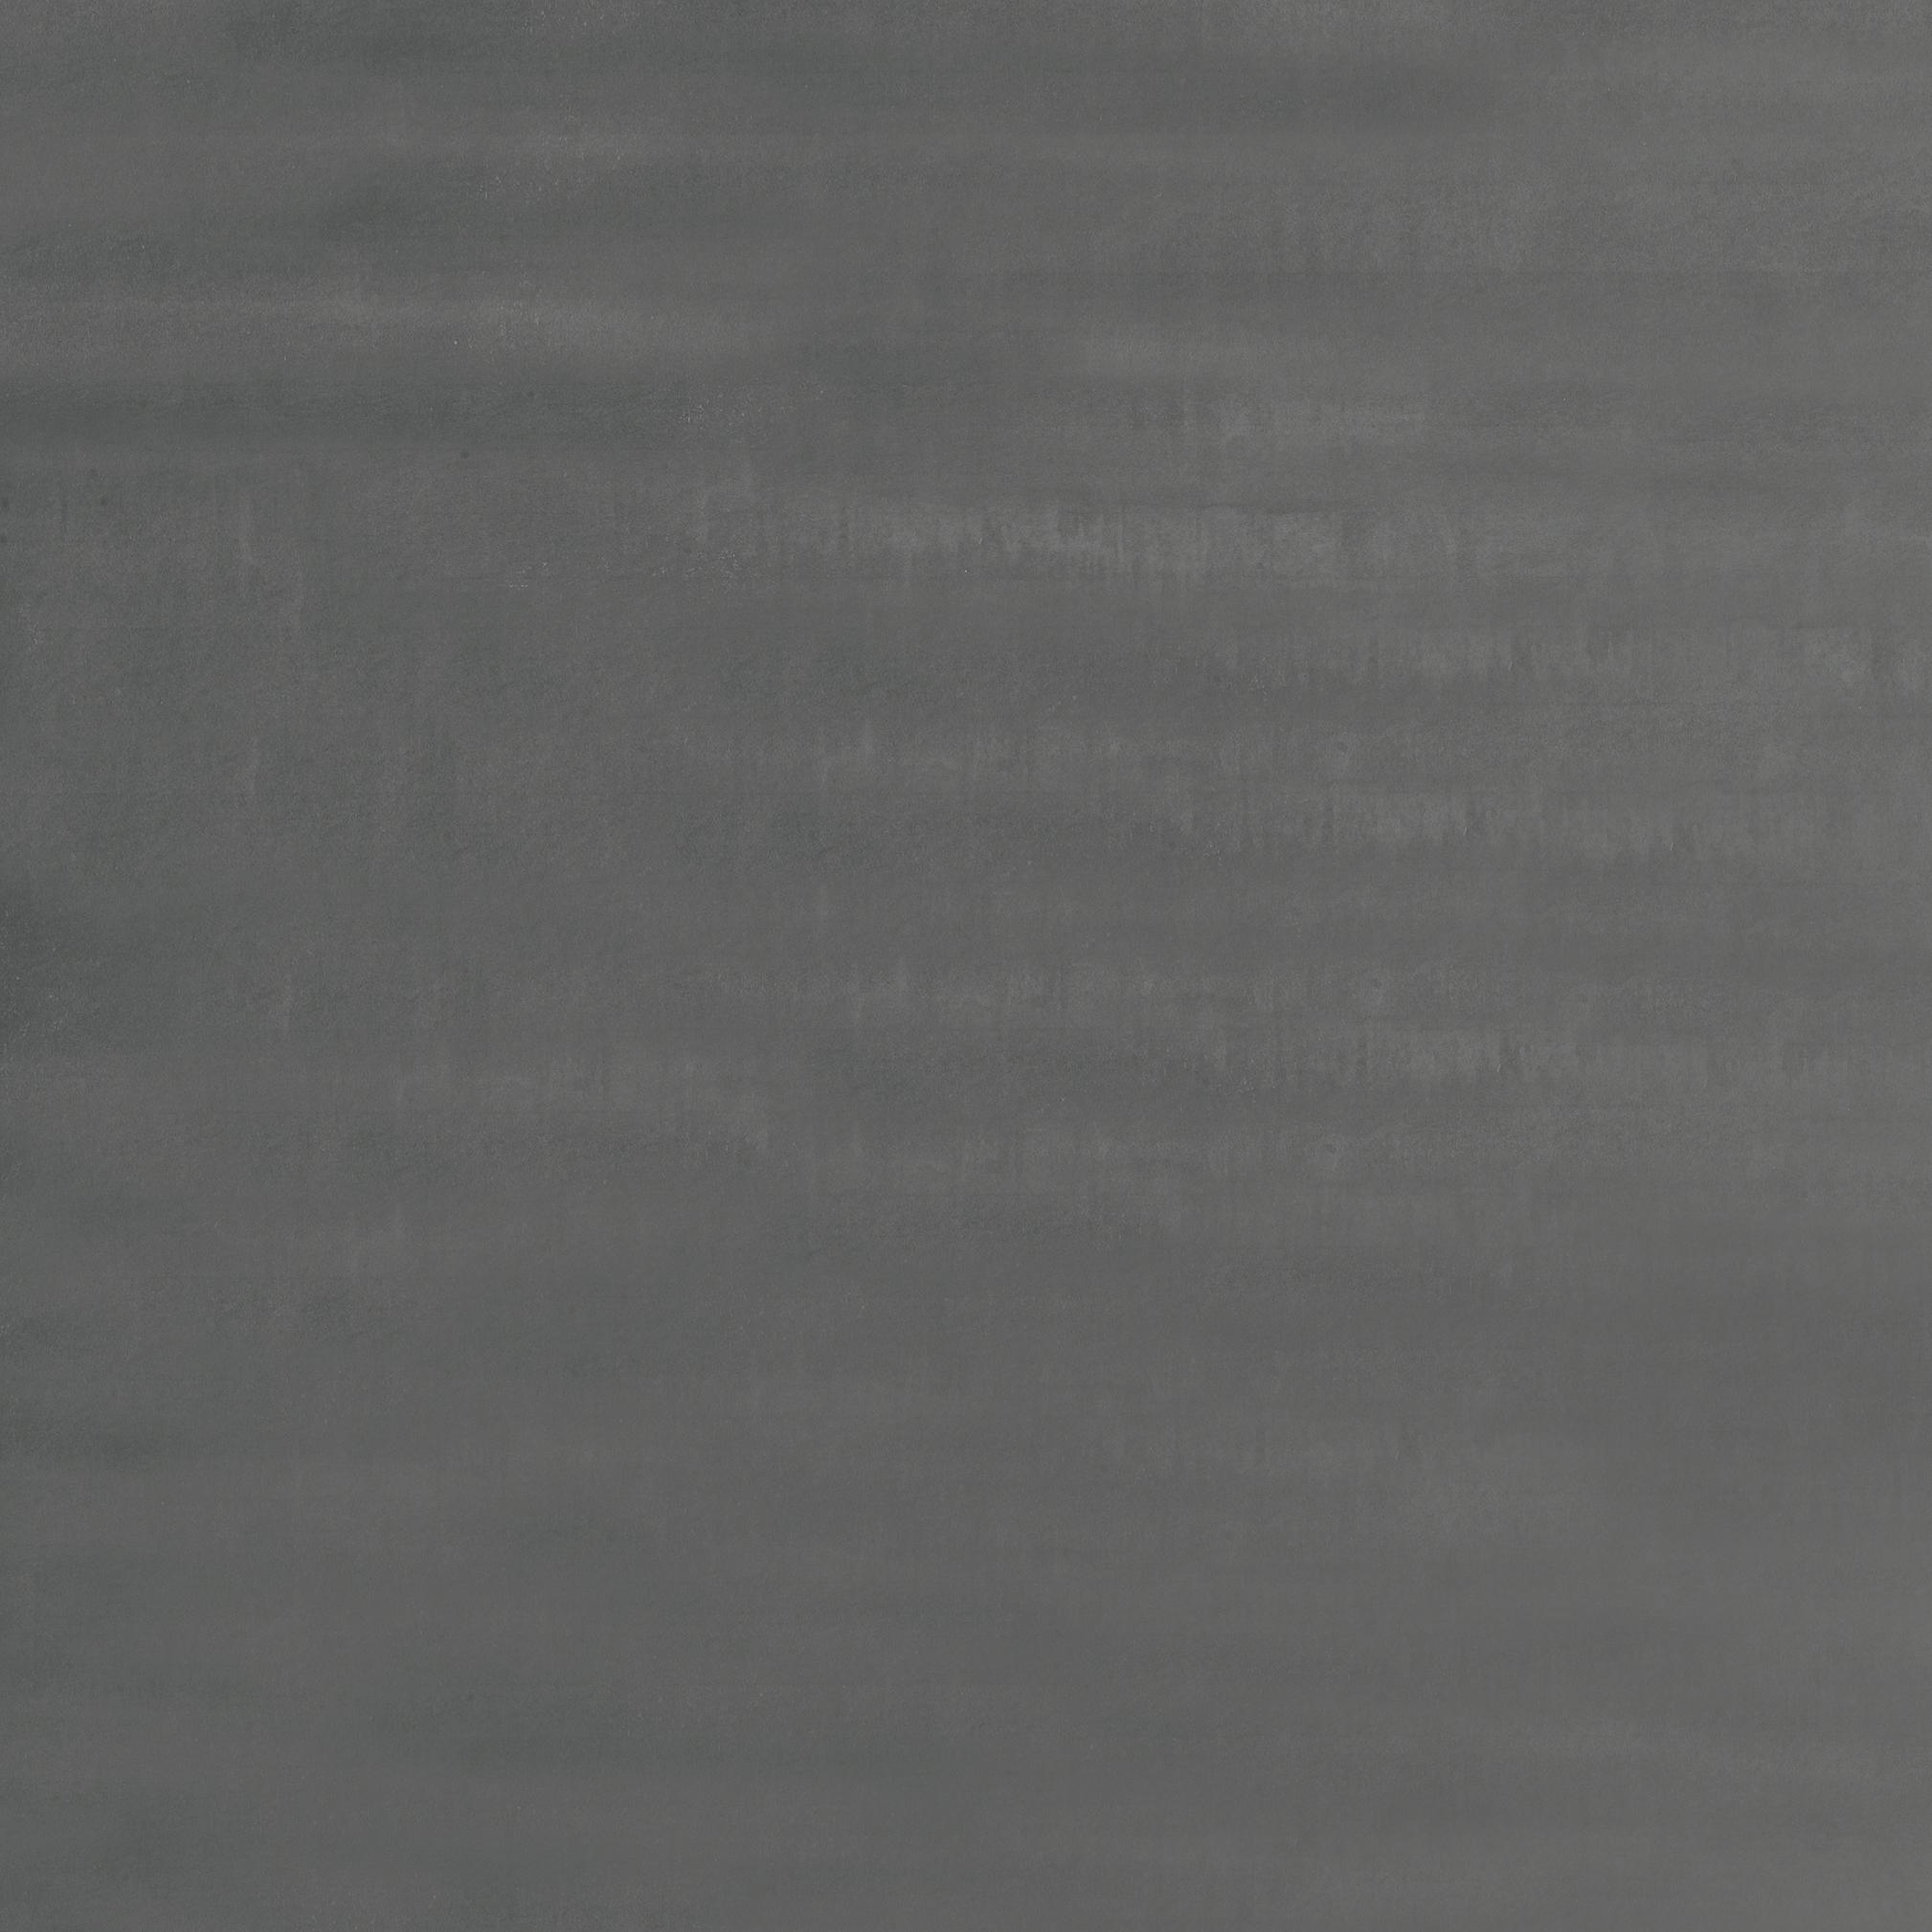 CROMIE TENDENZE 01 - Keramik Fliesen von Refin | Architonic